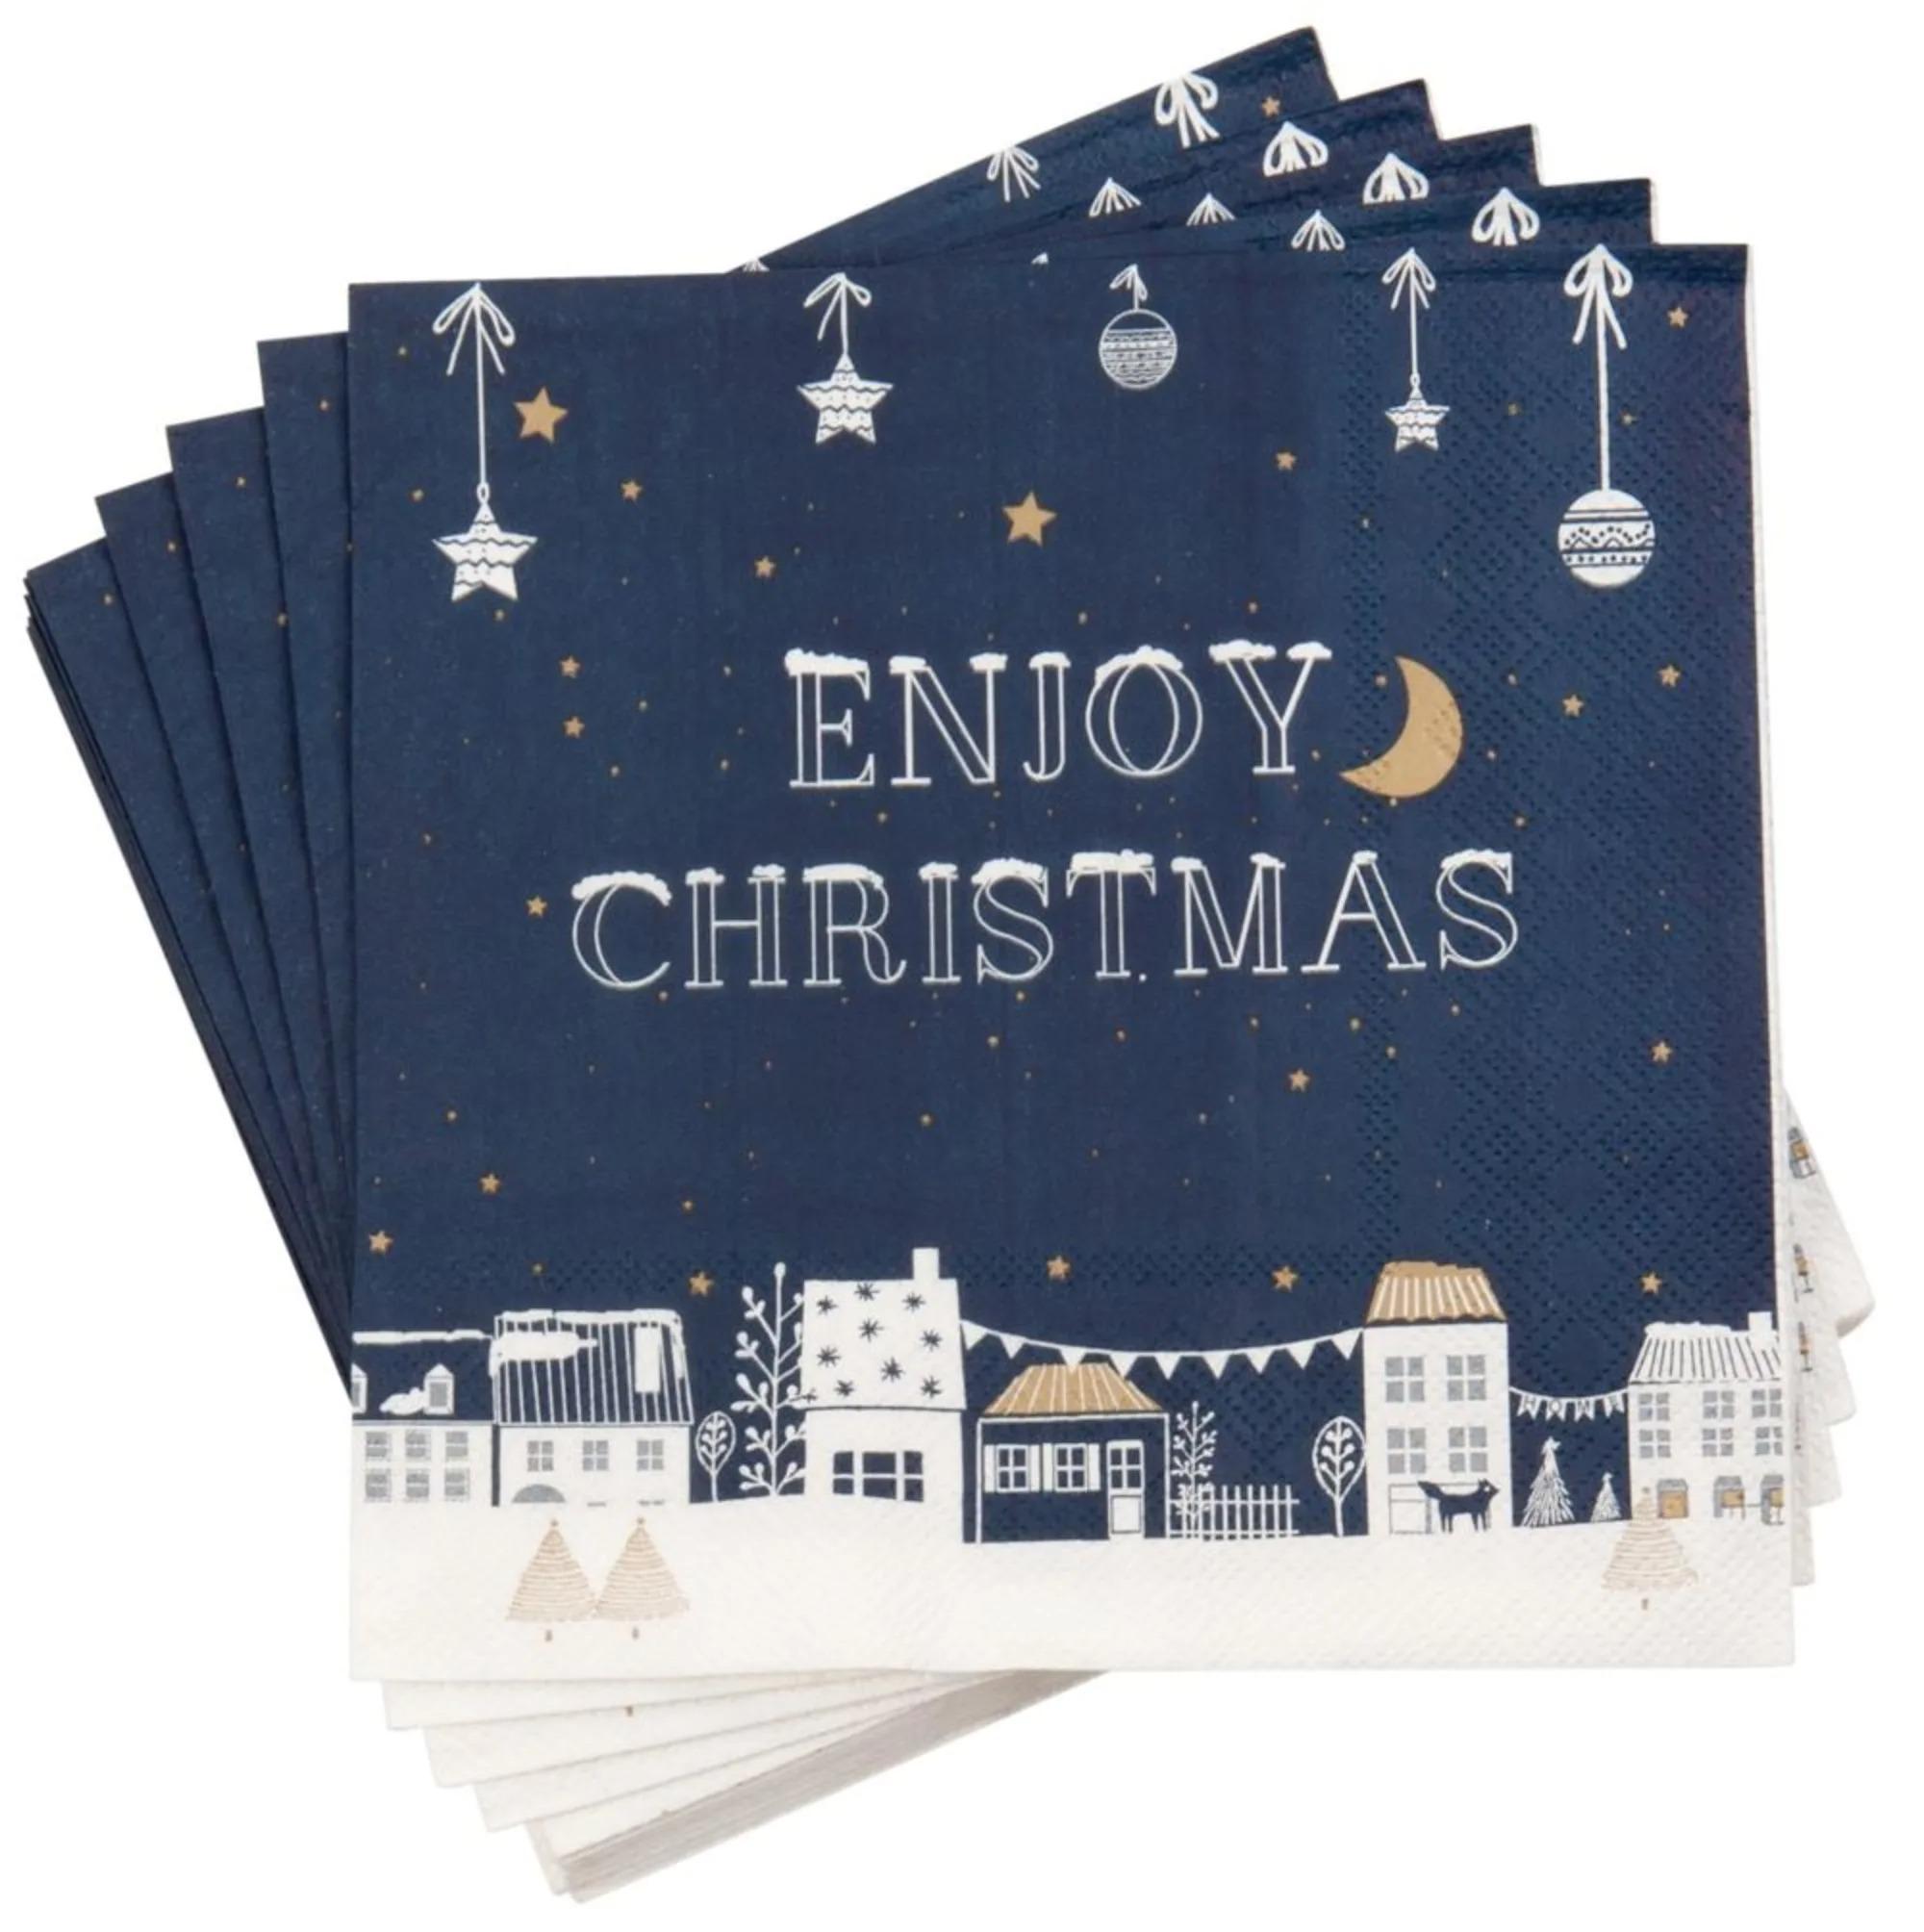 20 servilletas de papel azul noche con estampado de casitas navideñas - Lote de 5